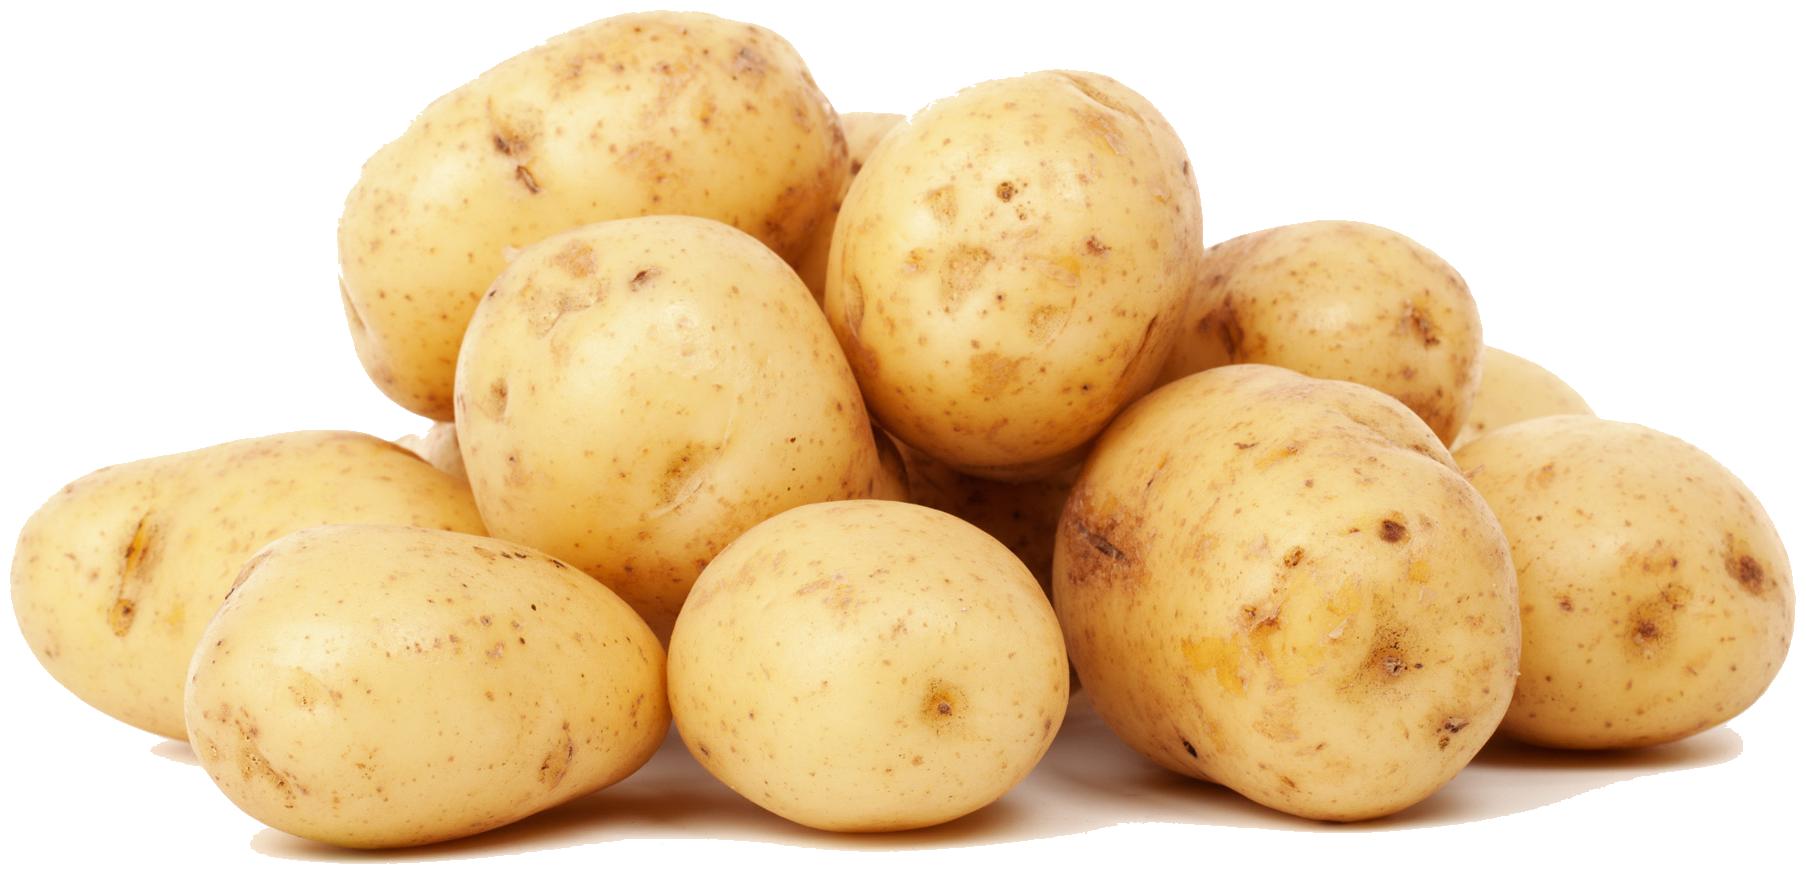 Potato HD PNG - 91664